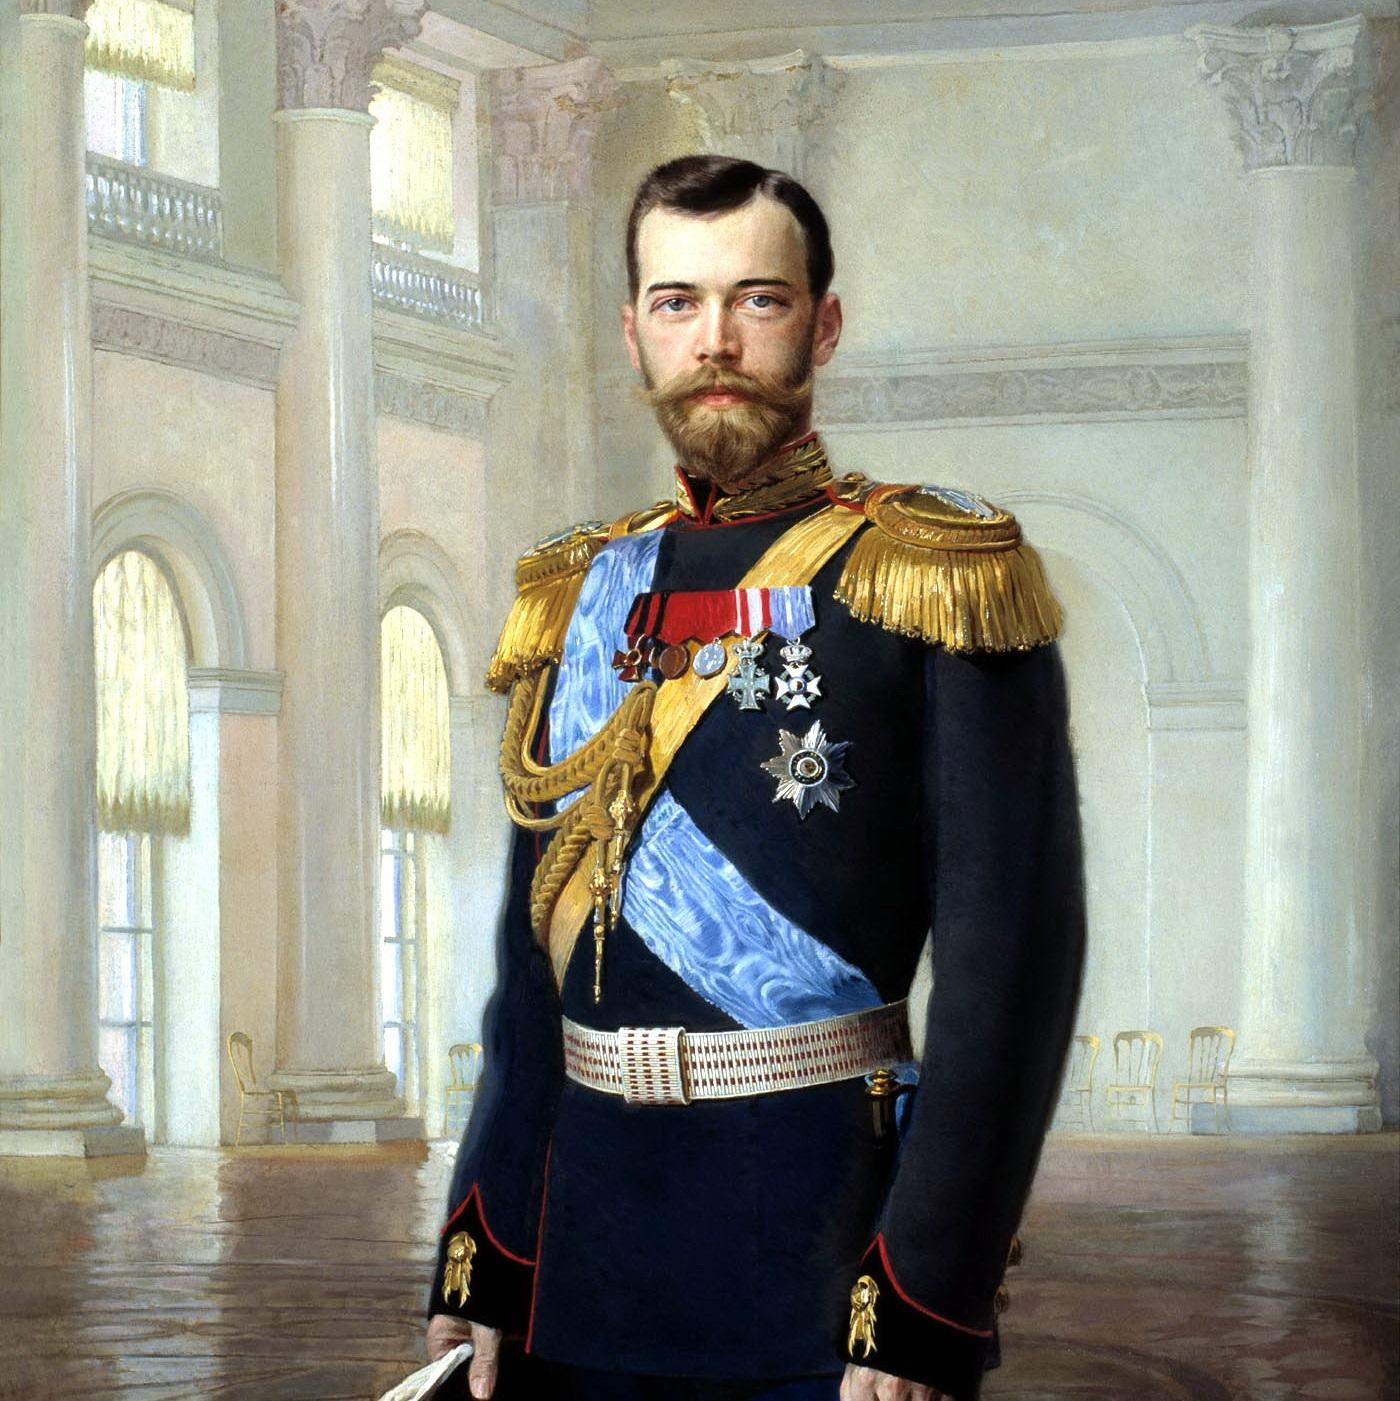 Decyzję o wprowadzeniu na terenie Królestwa stanu wojennego podjął car Mikołaj II.